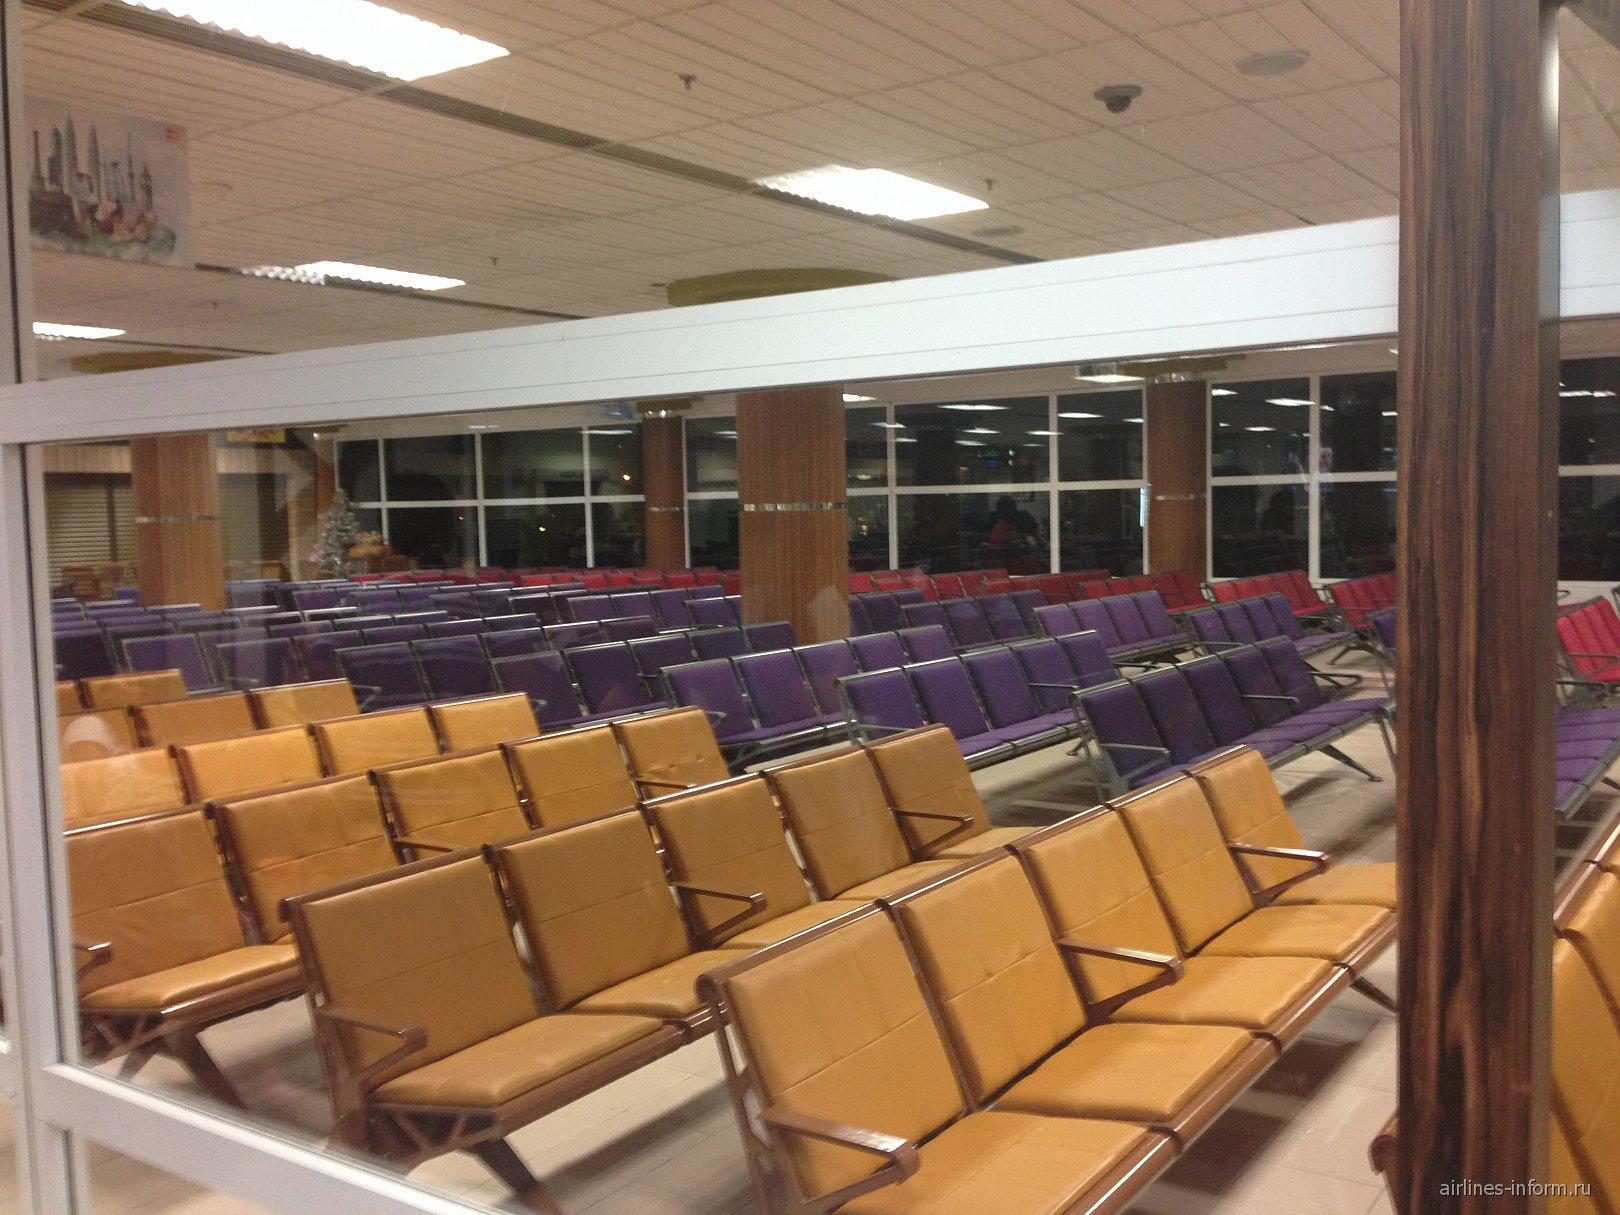 Зал ожидания международных рейсов в аэропорту Лангкави